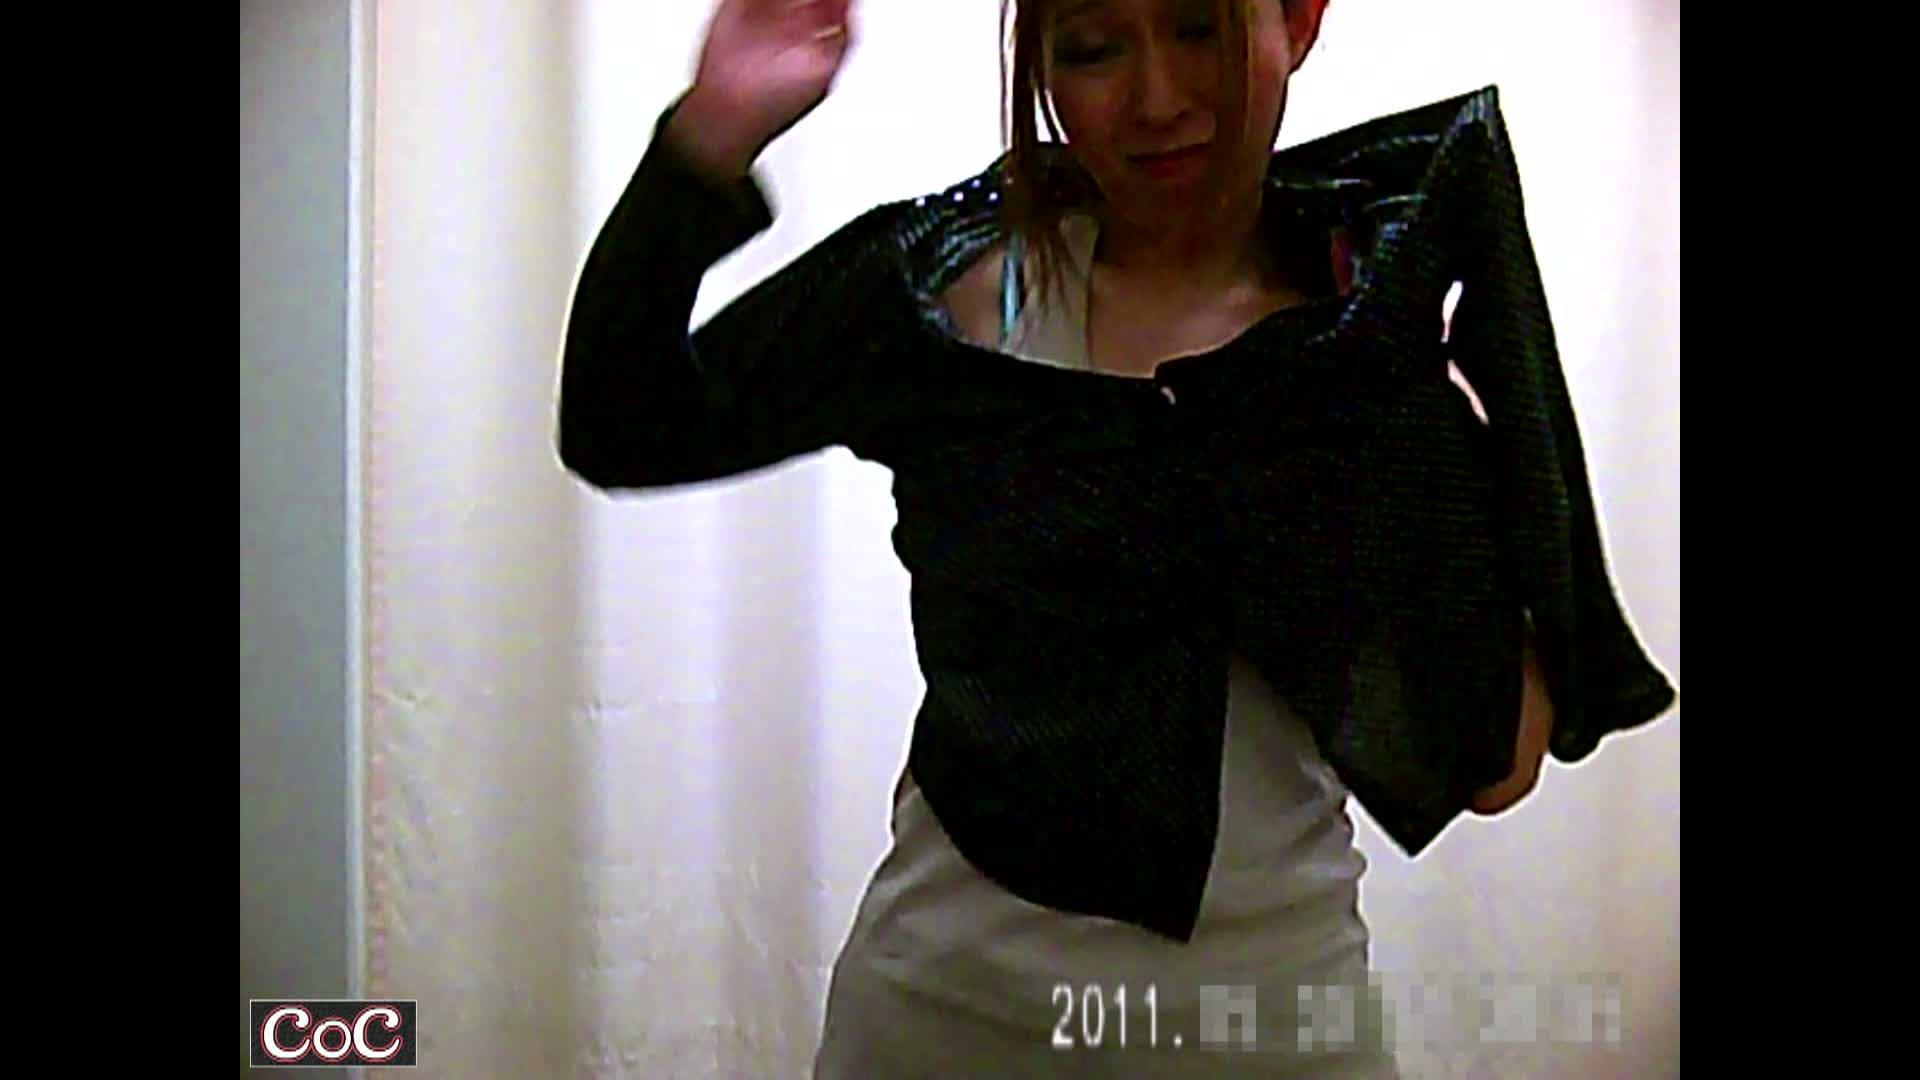 病院に診察にやって来た美乳&巨乳の美女達!更衣室に仕掛けられた盗撮カメラで診察着に着替える姿を盗撮!